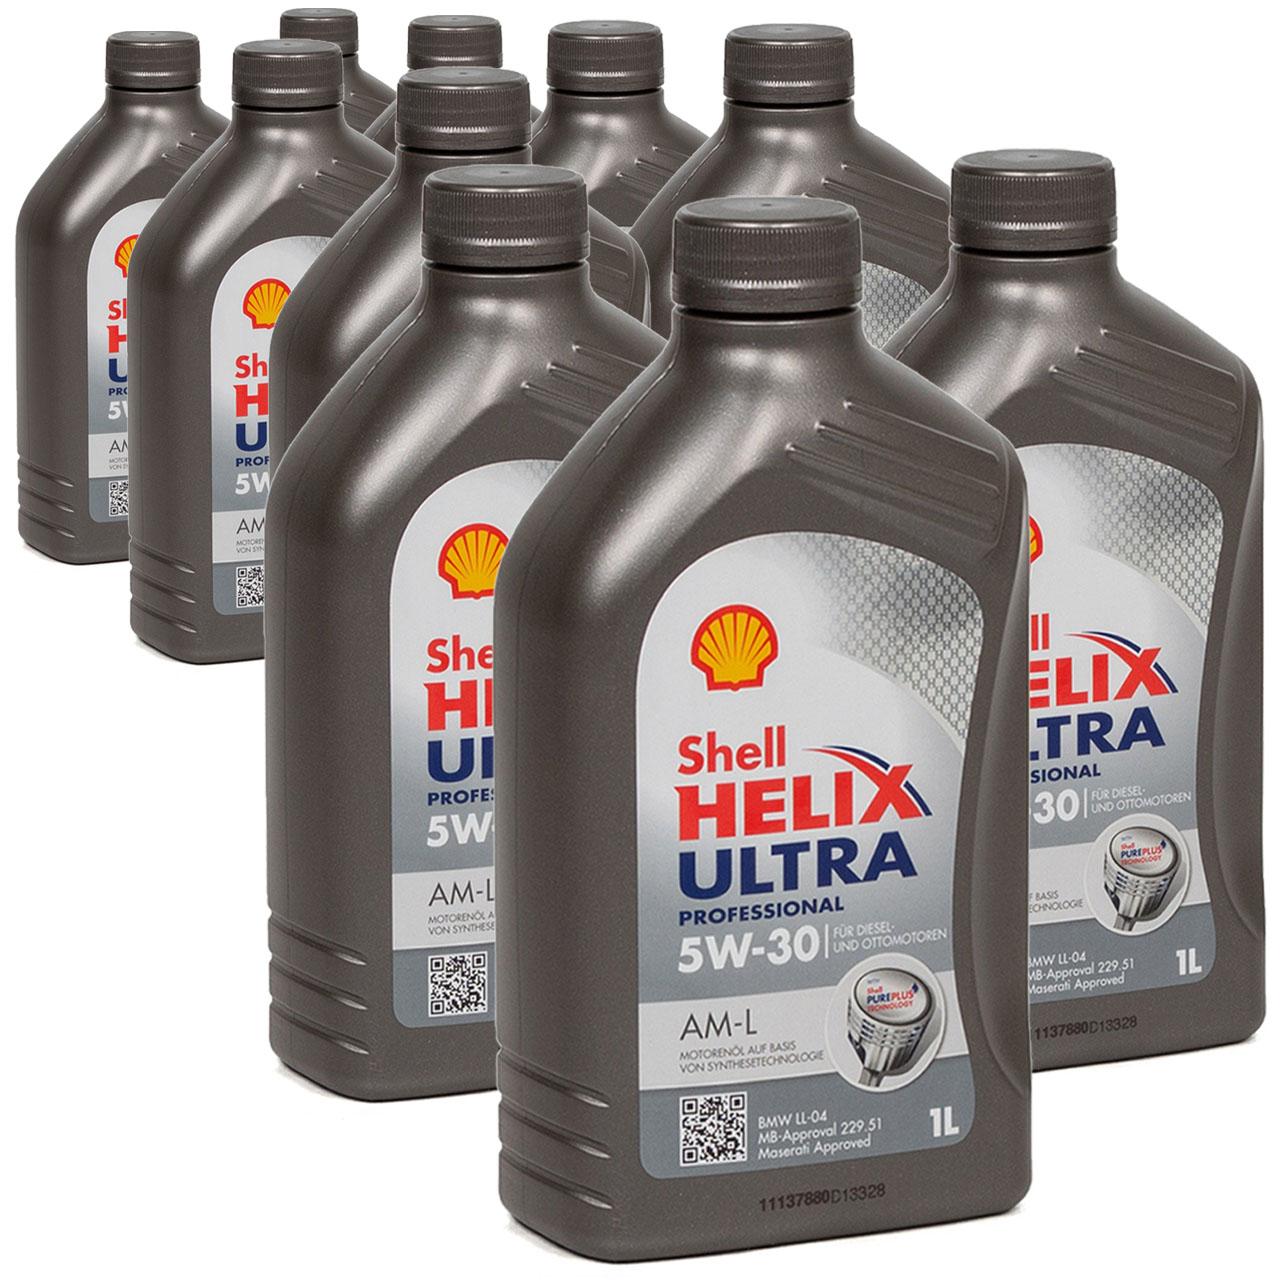 SHELL Motoröl Öl HELIX ULTRA Professional AM-L 5W30 für BMW LL-04 - 10L 10 Liter